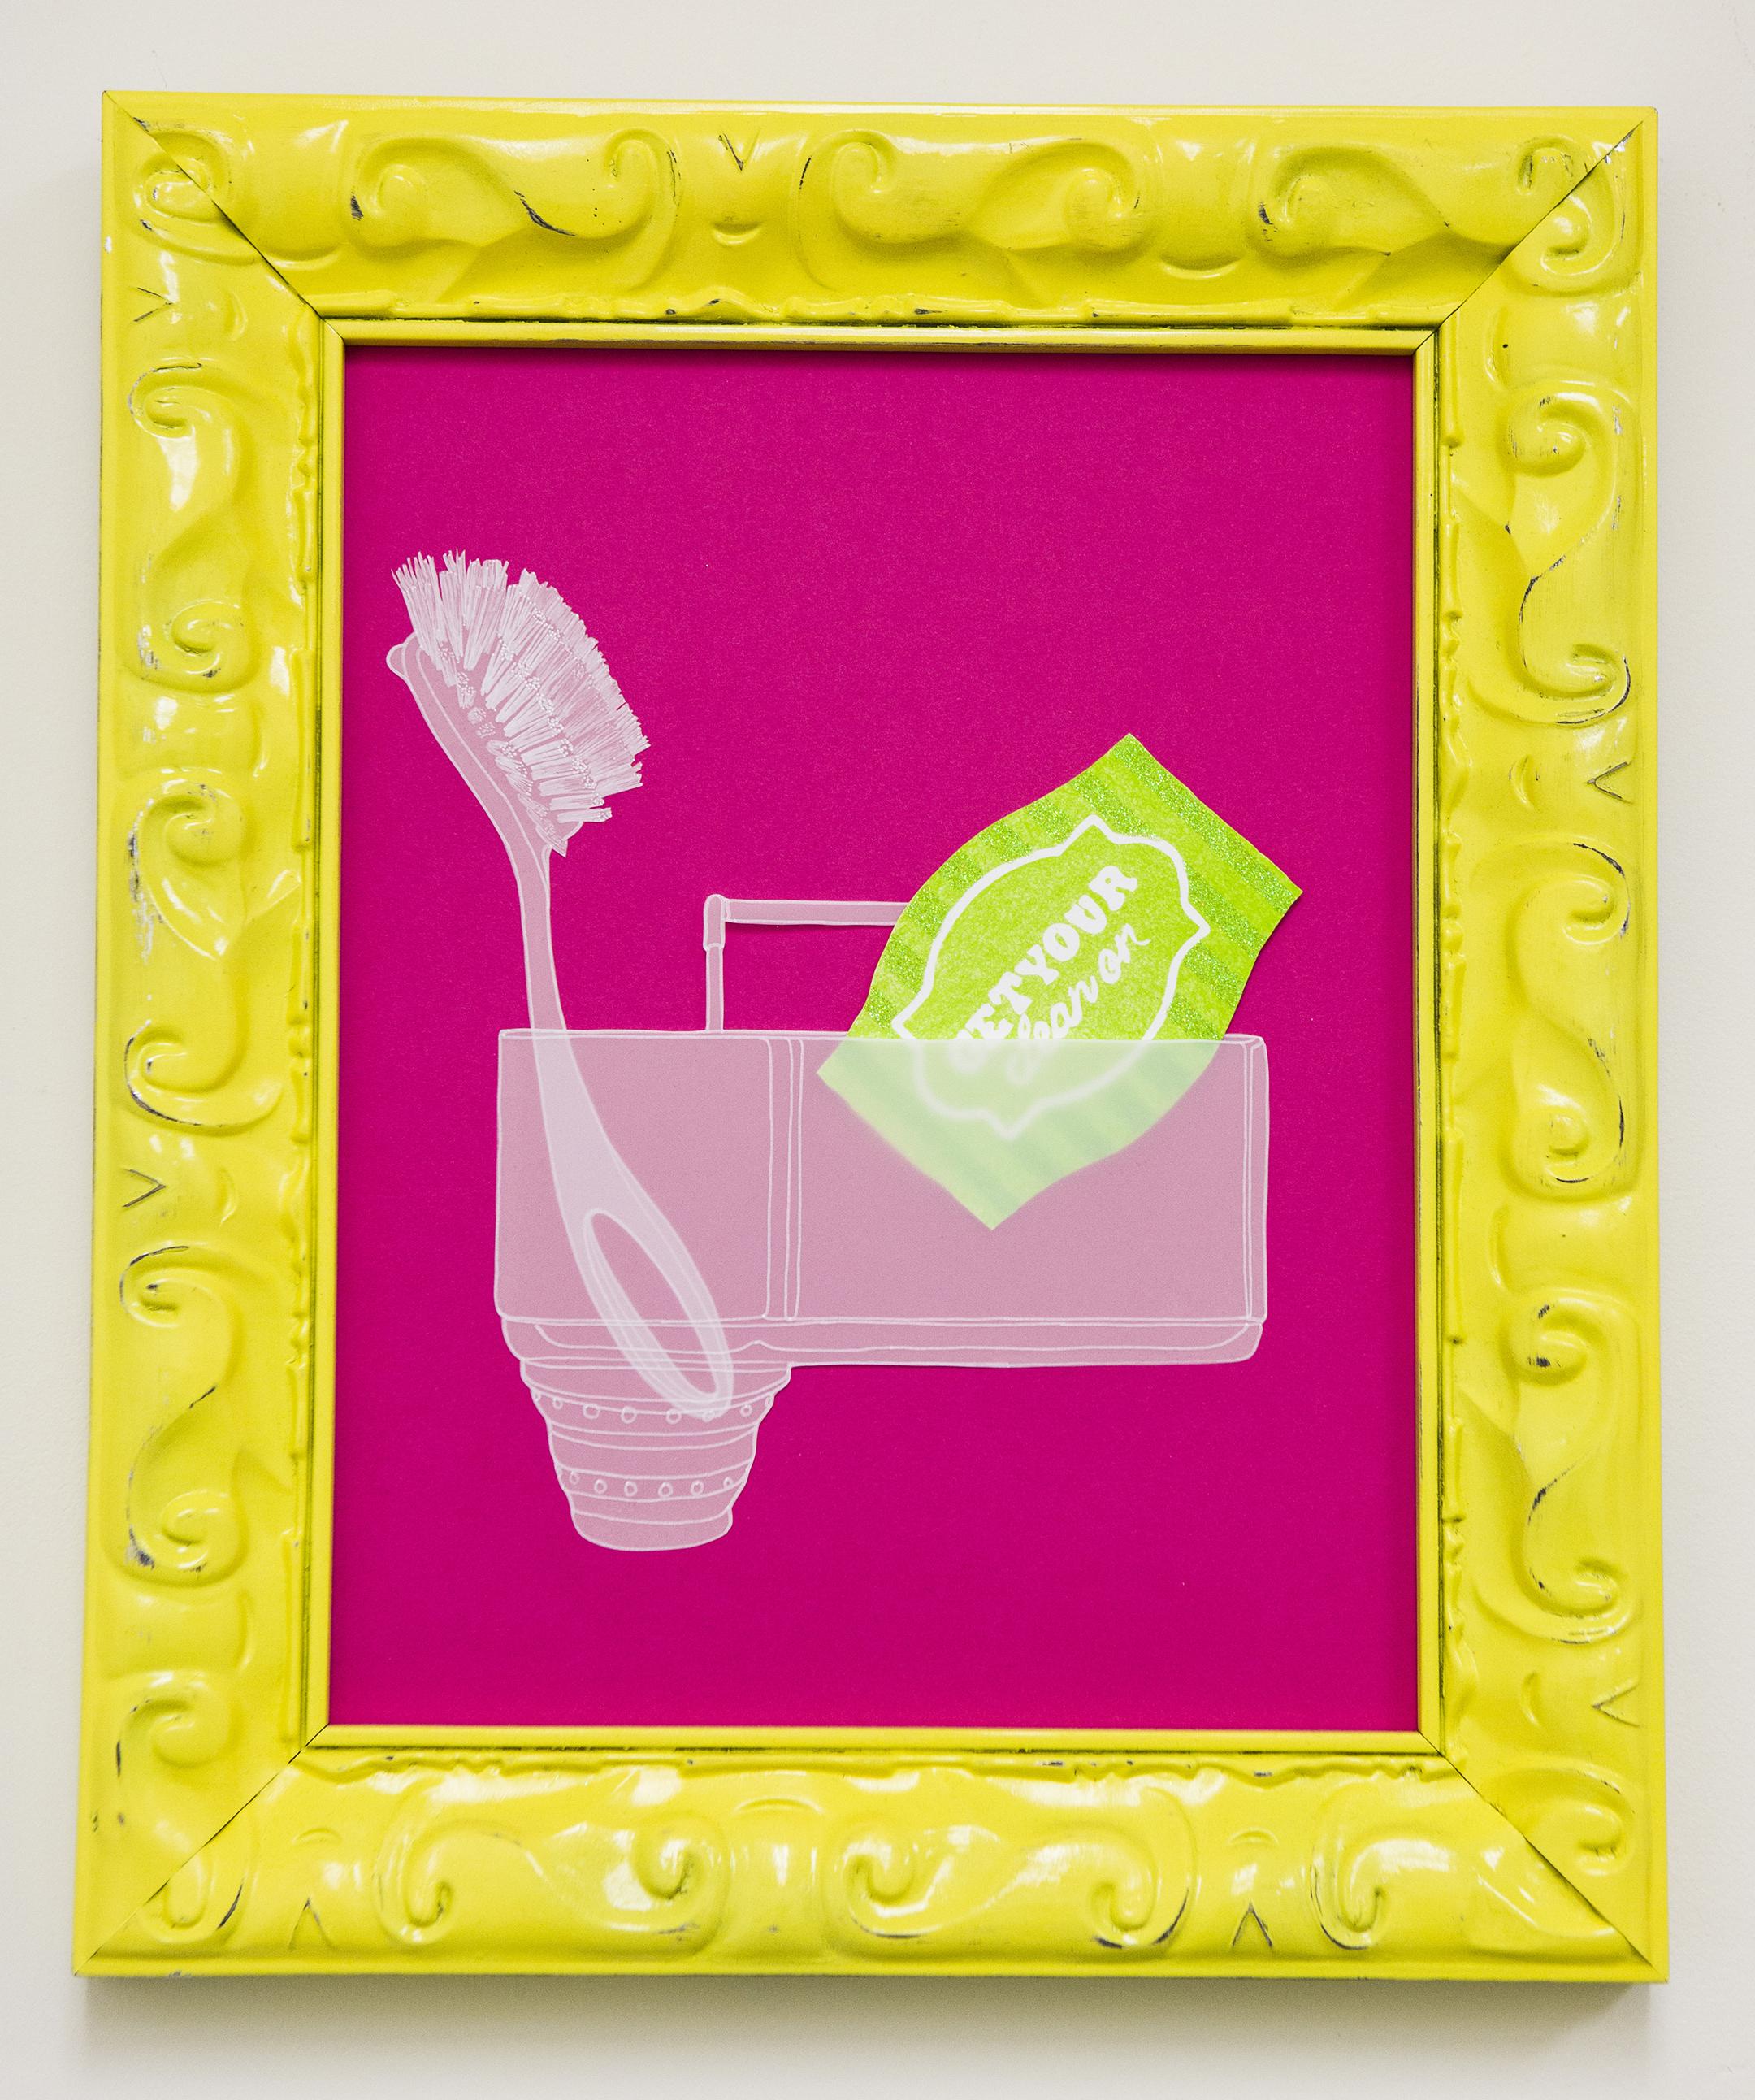 Scotch Brite Printed Non-Scratch Scrub Sponge: Get Your Clean On